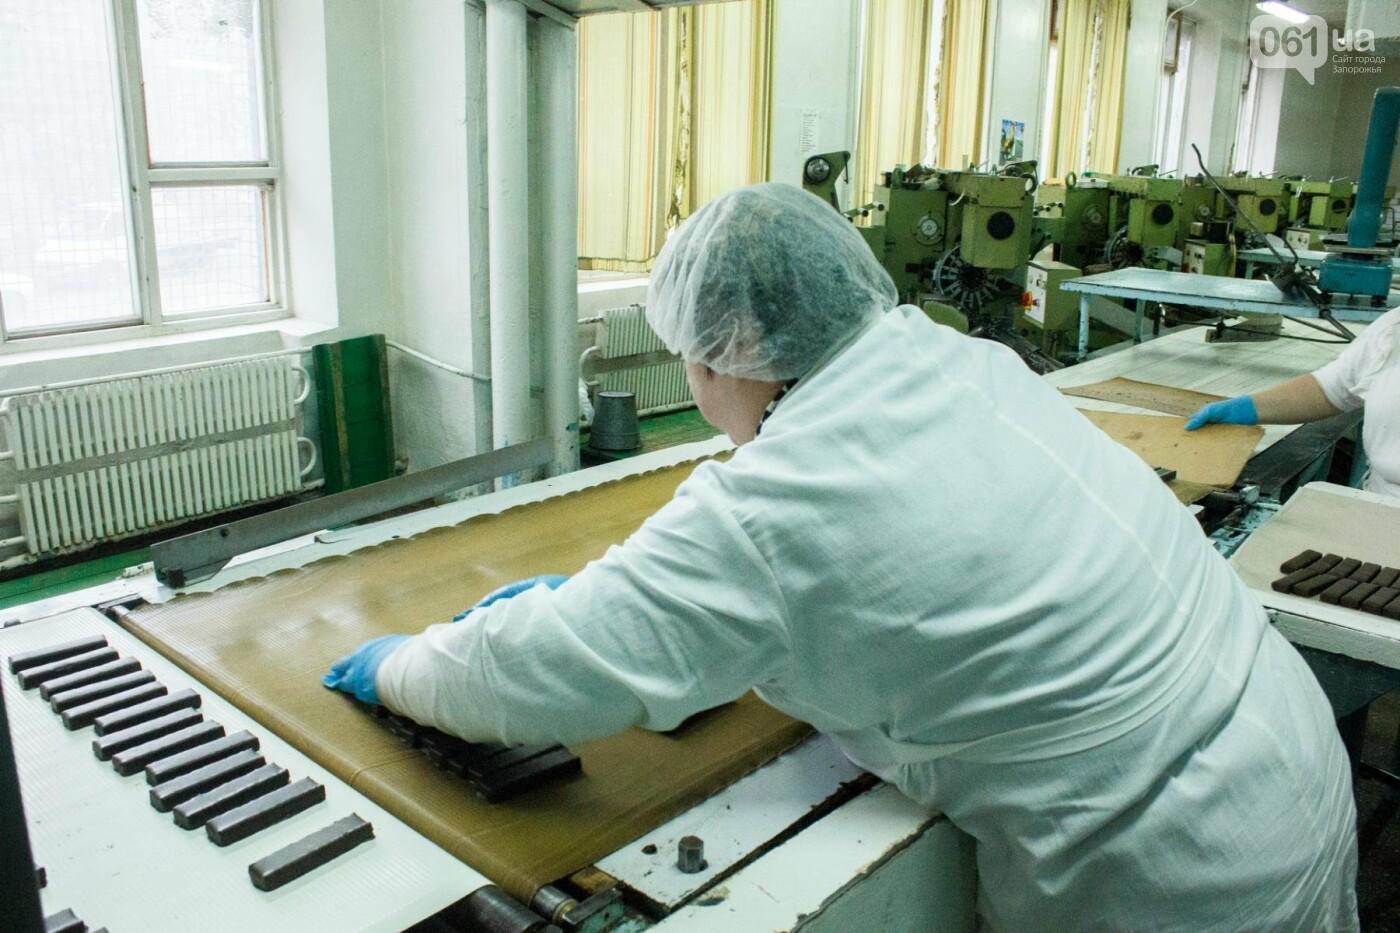 Как в Запорожье делают конфеты: экскурсия на кондитерскую фабрику, – ФОТОРЕПОРТАЖ, фото-10